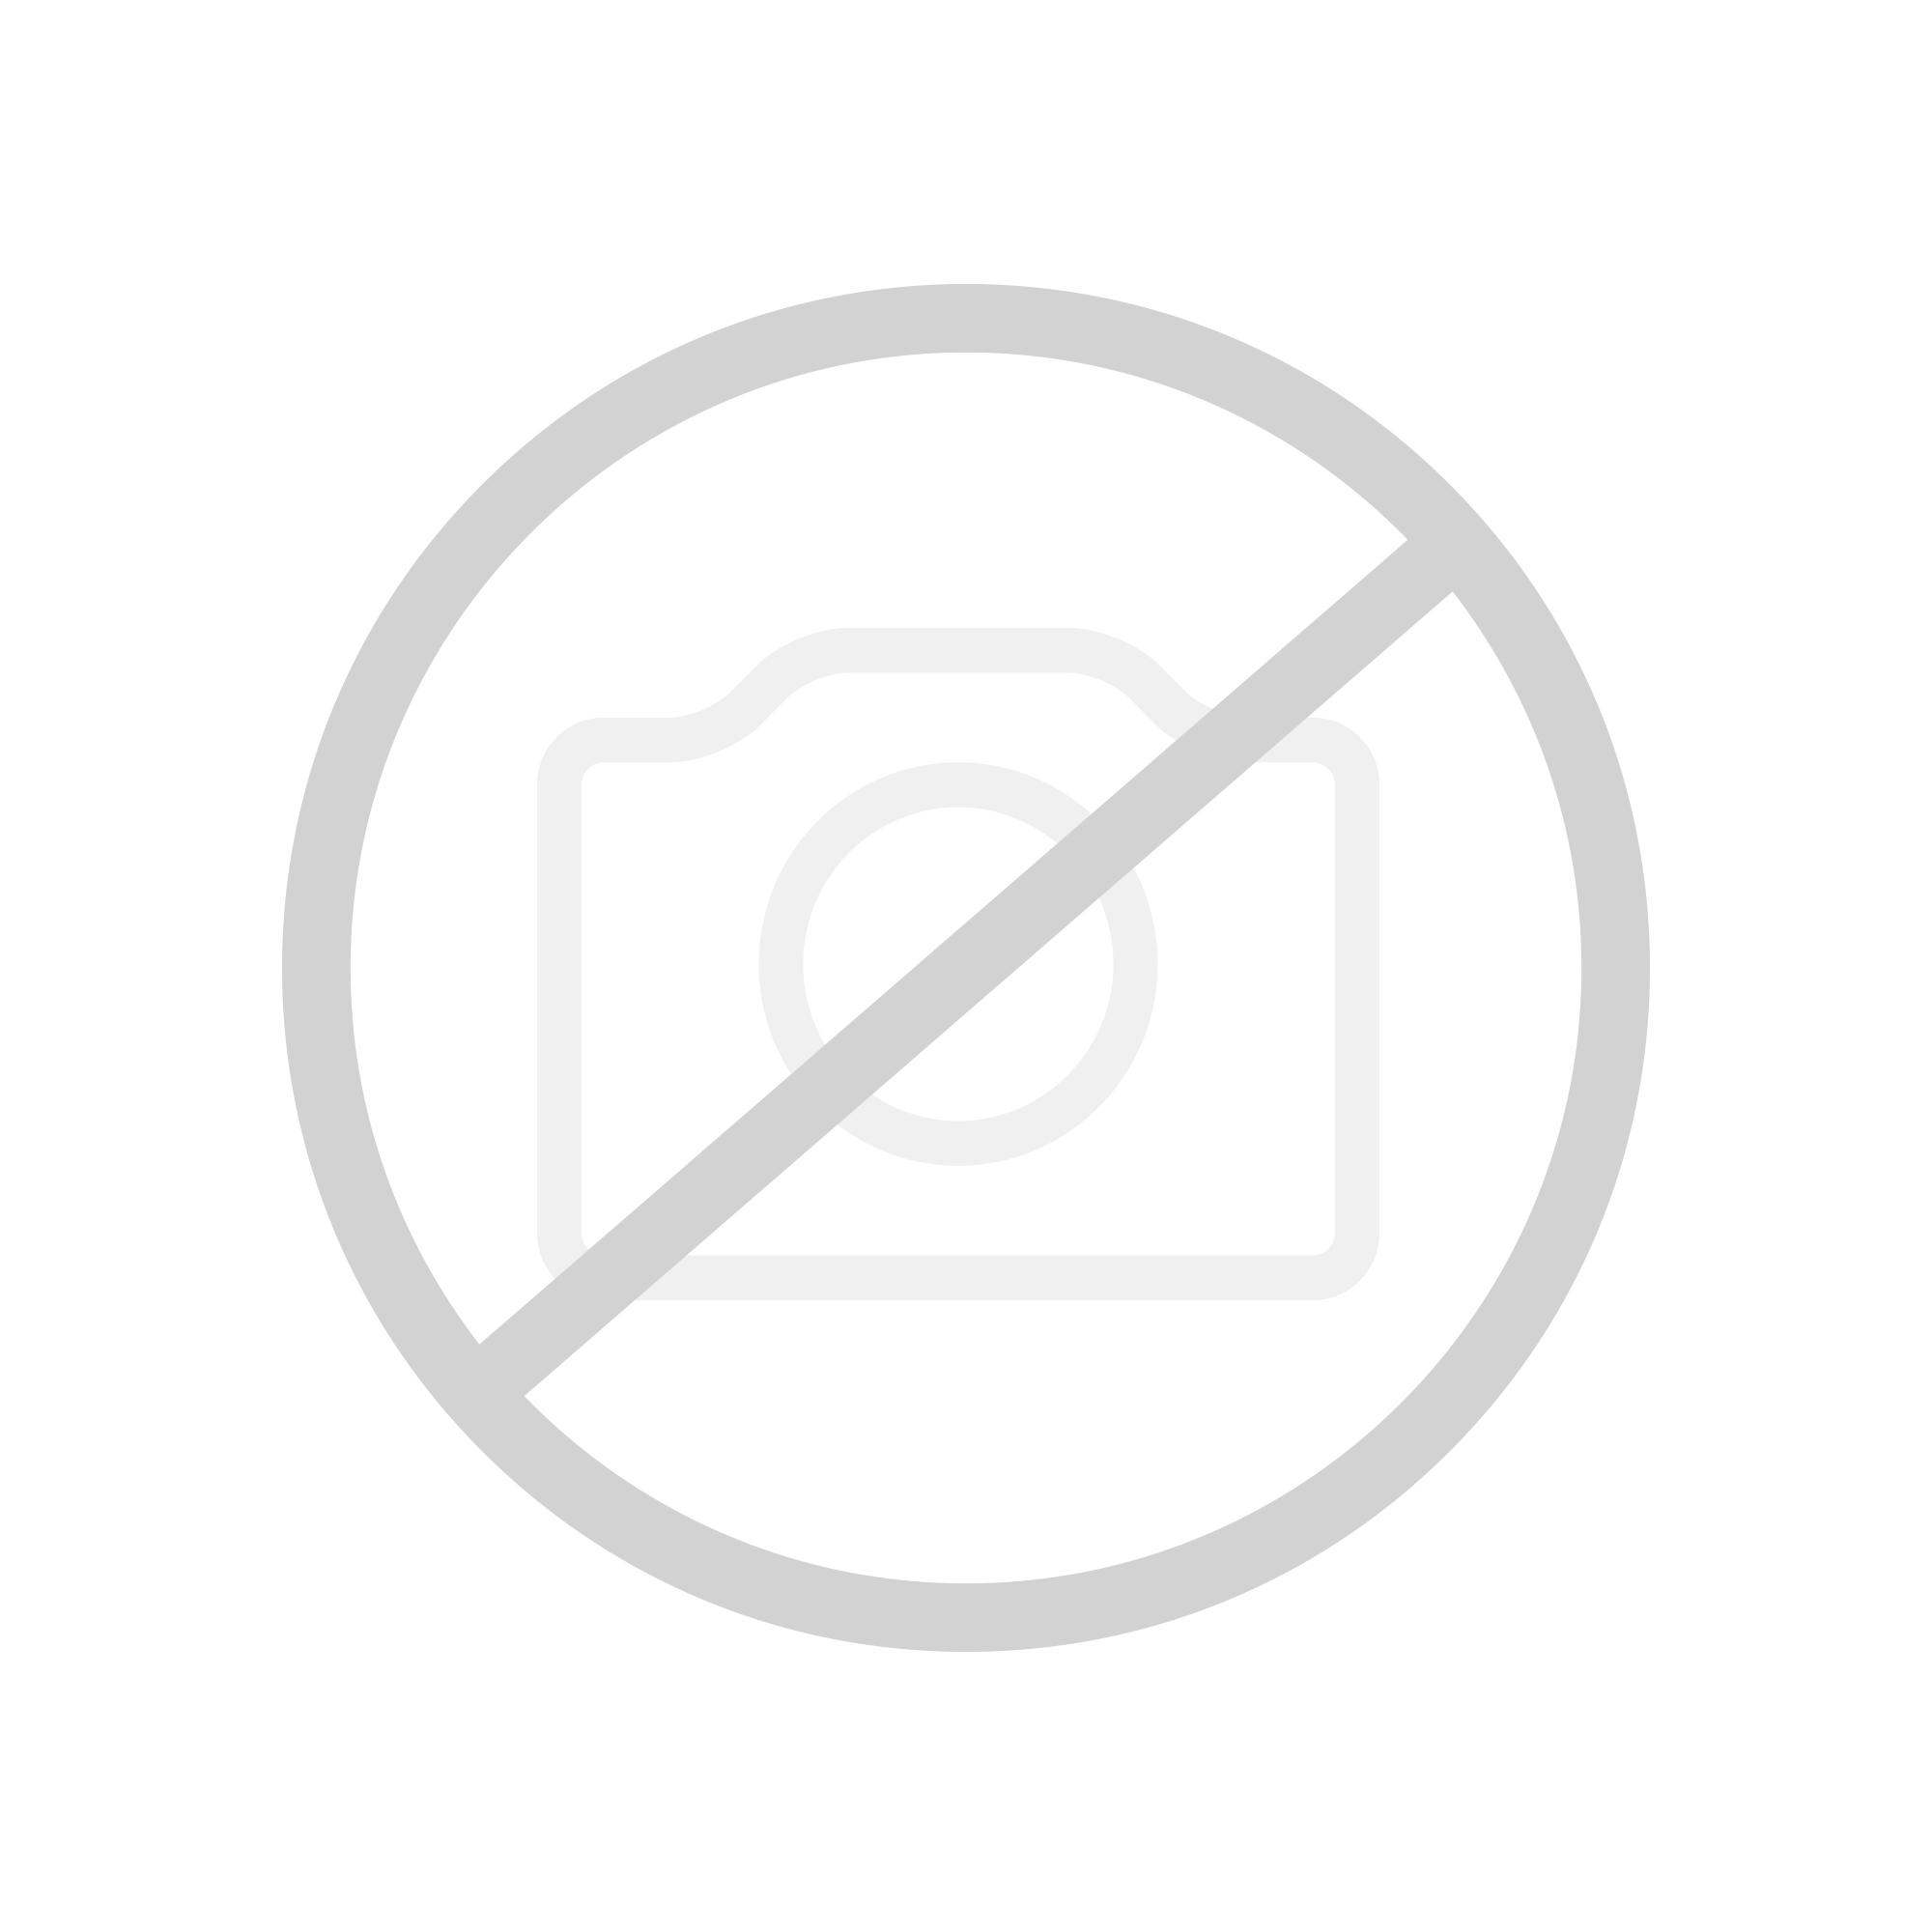 Duschwand Für Badewanne Milchglas: Schulte duschabtrennung ... | {Duschabtrennung glas badewanne 84}